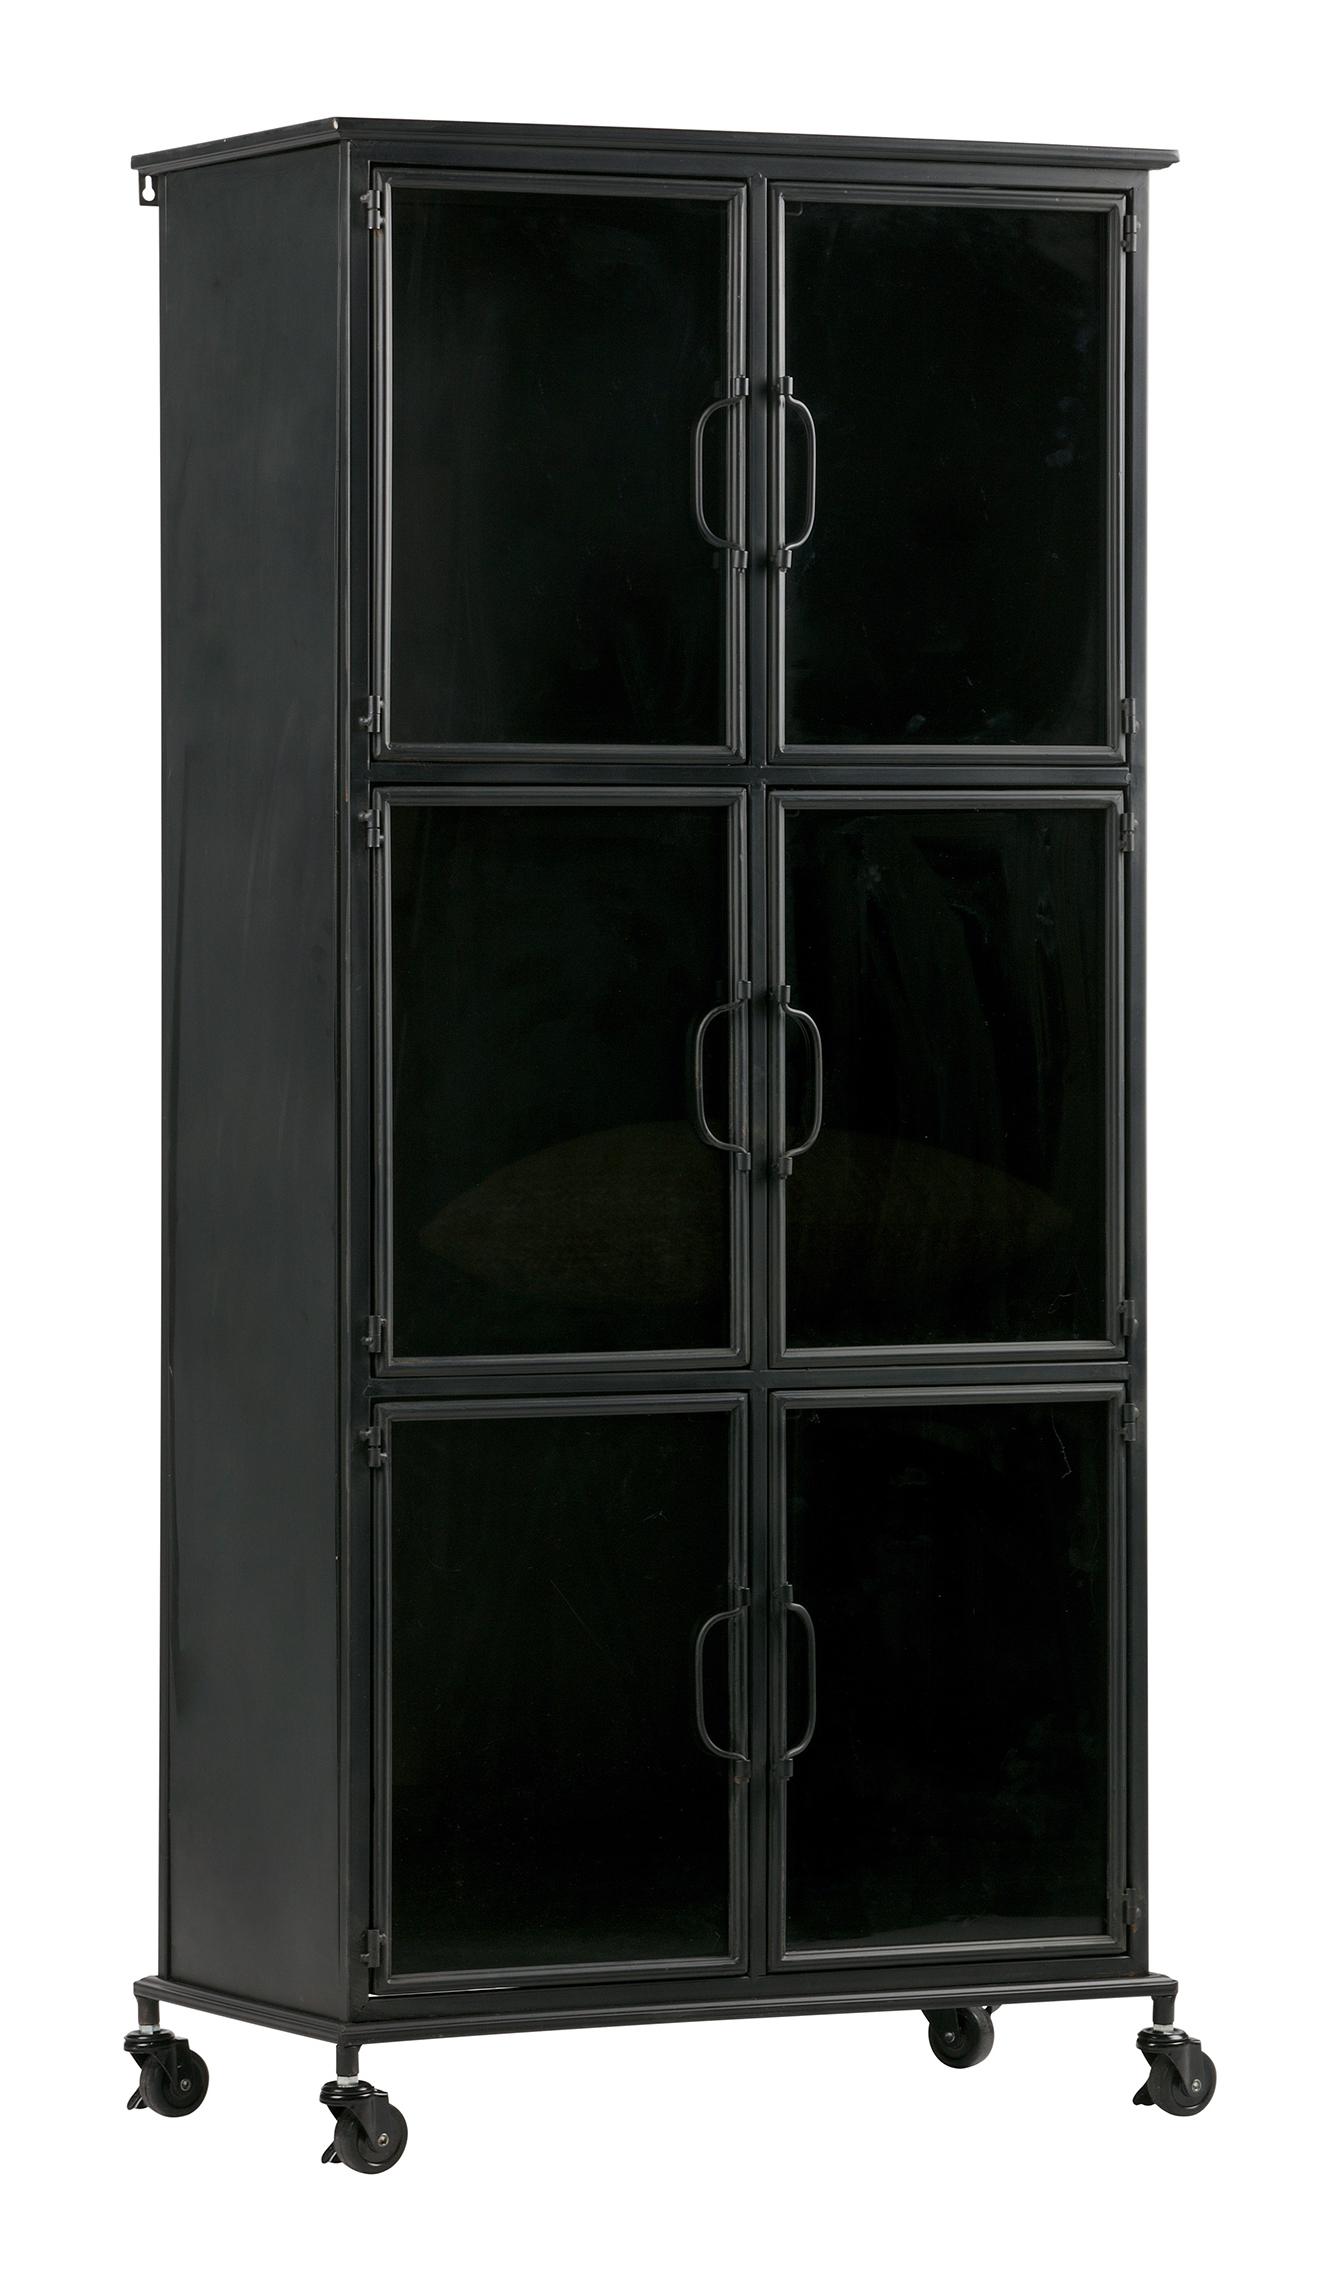 Woood Industriëel Vitrinekastje 'Jari' (hoogte 142cm), kleur Zwart